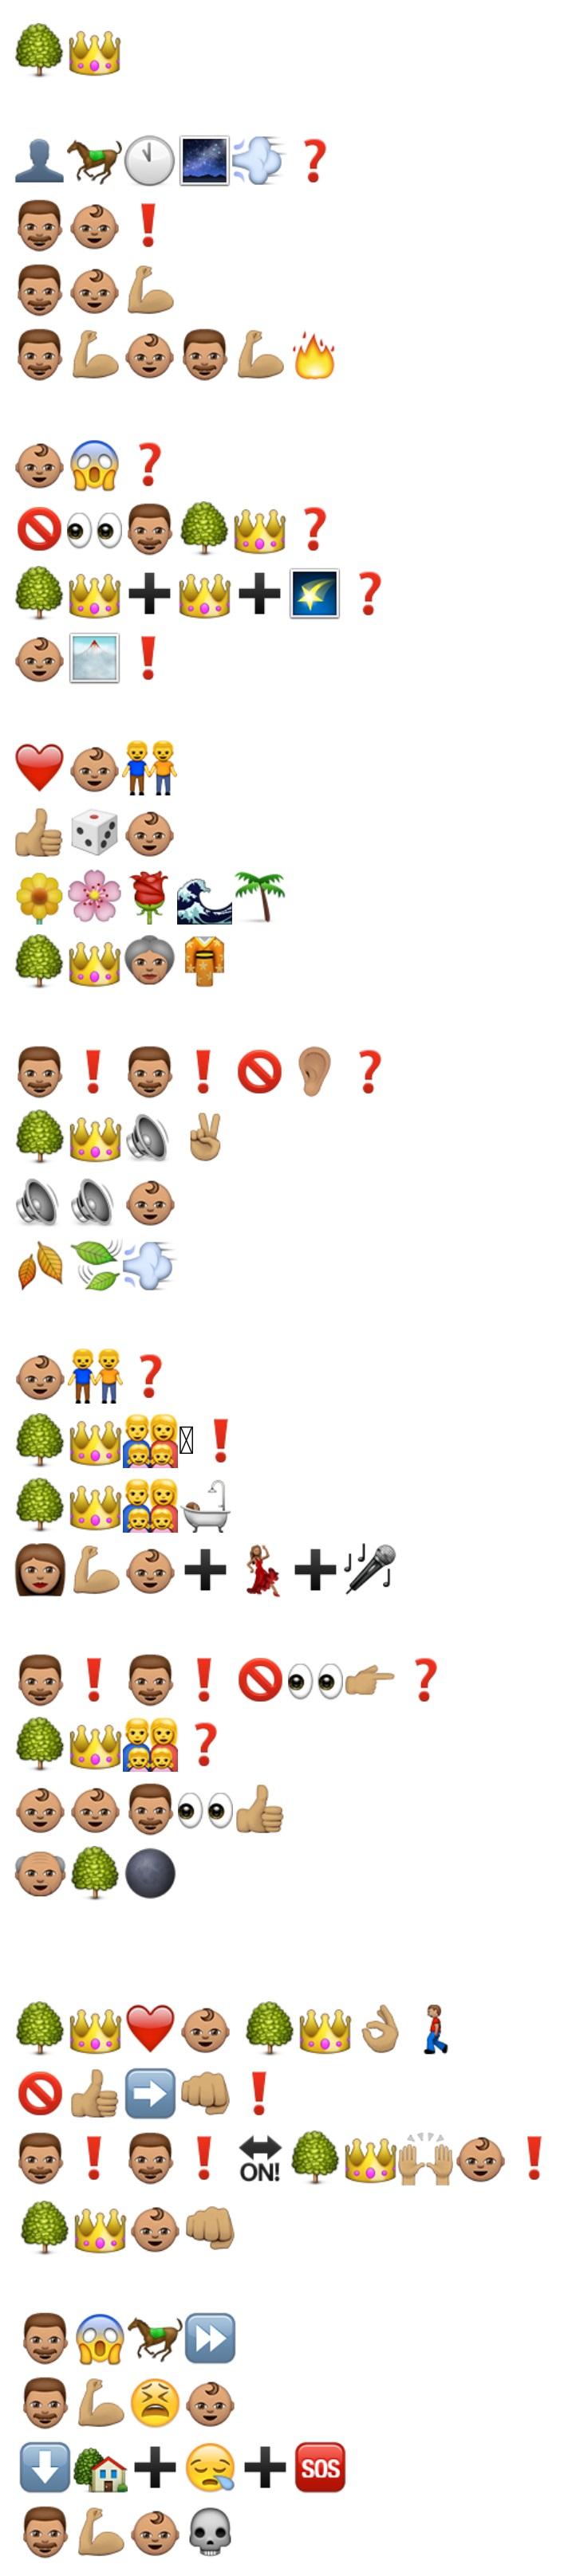 Der Erlkönig als Emoji-Gedicht